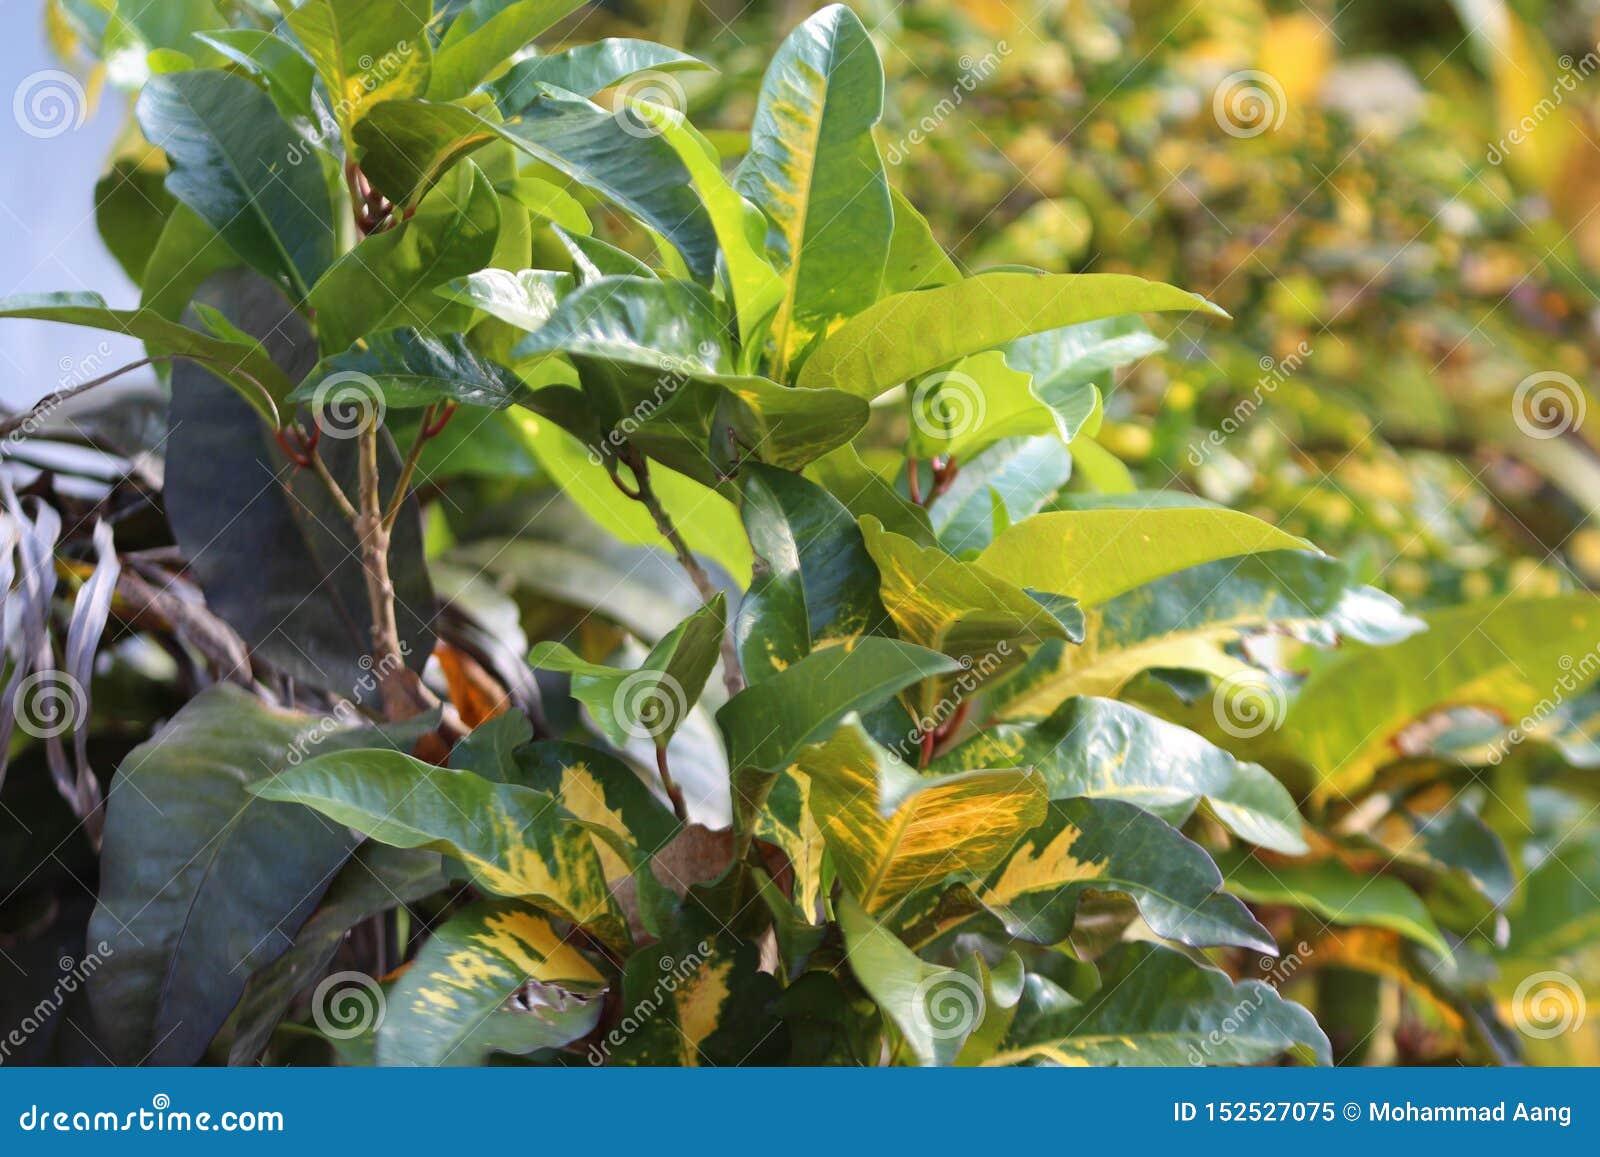 Grünpflanzen ausgesetzt Sonnenlicht